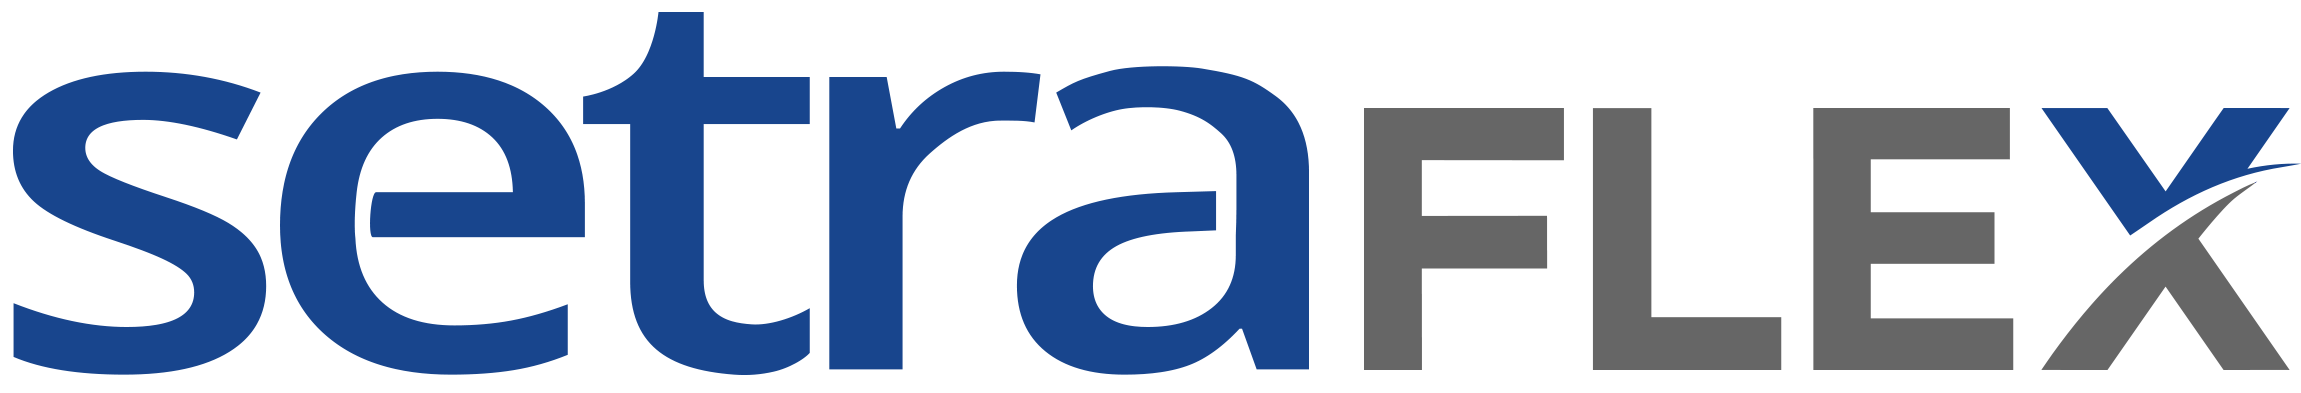 Setra FLEX Side By Side Color Alpha v3.png